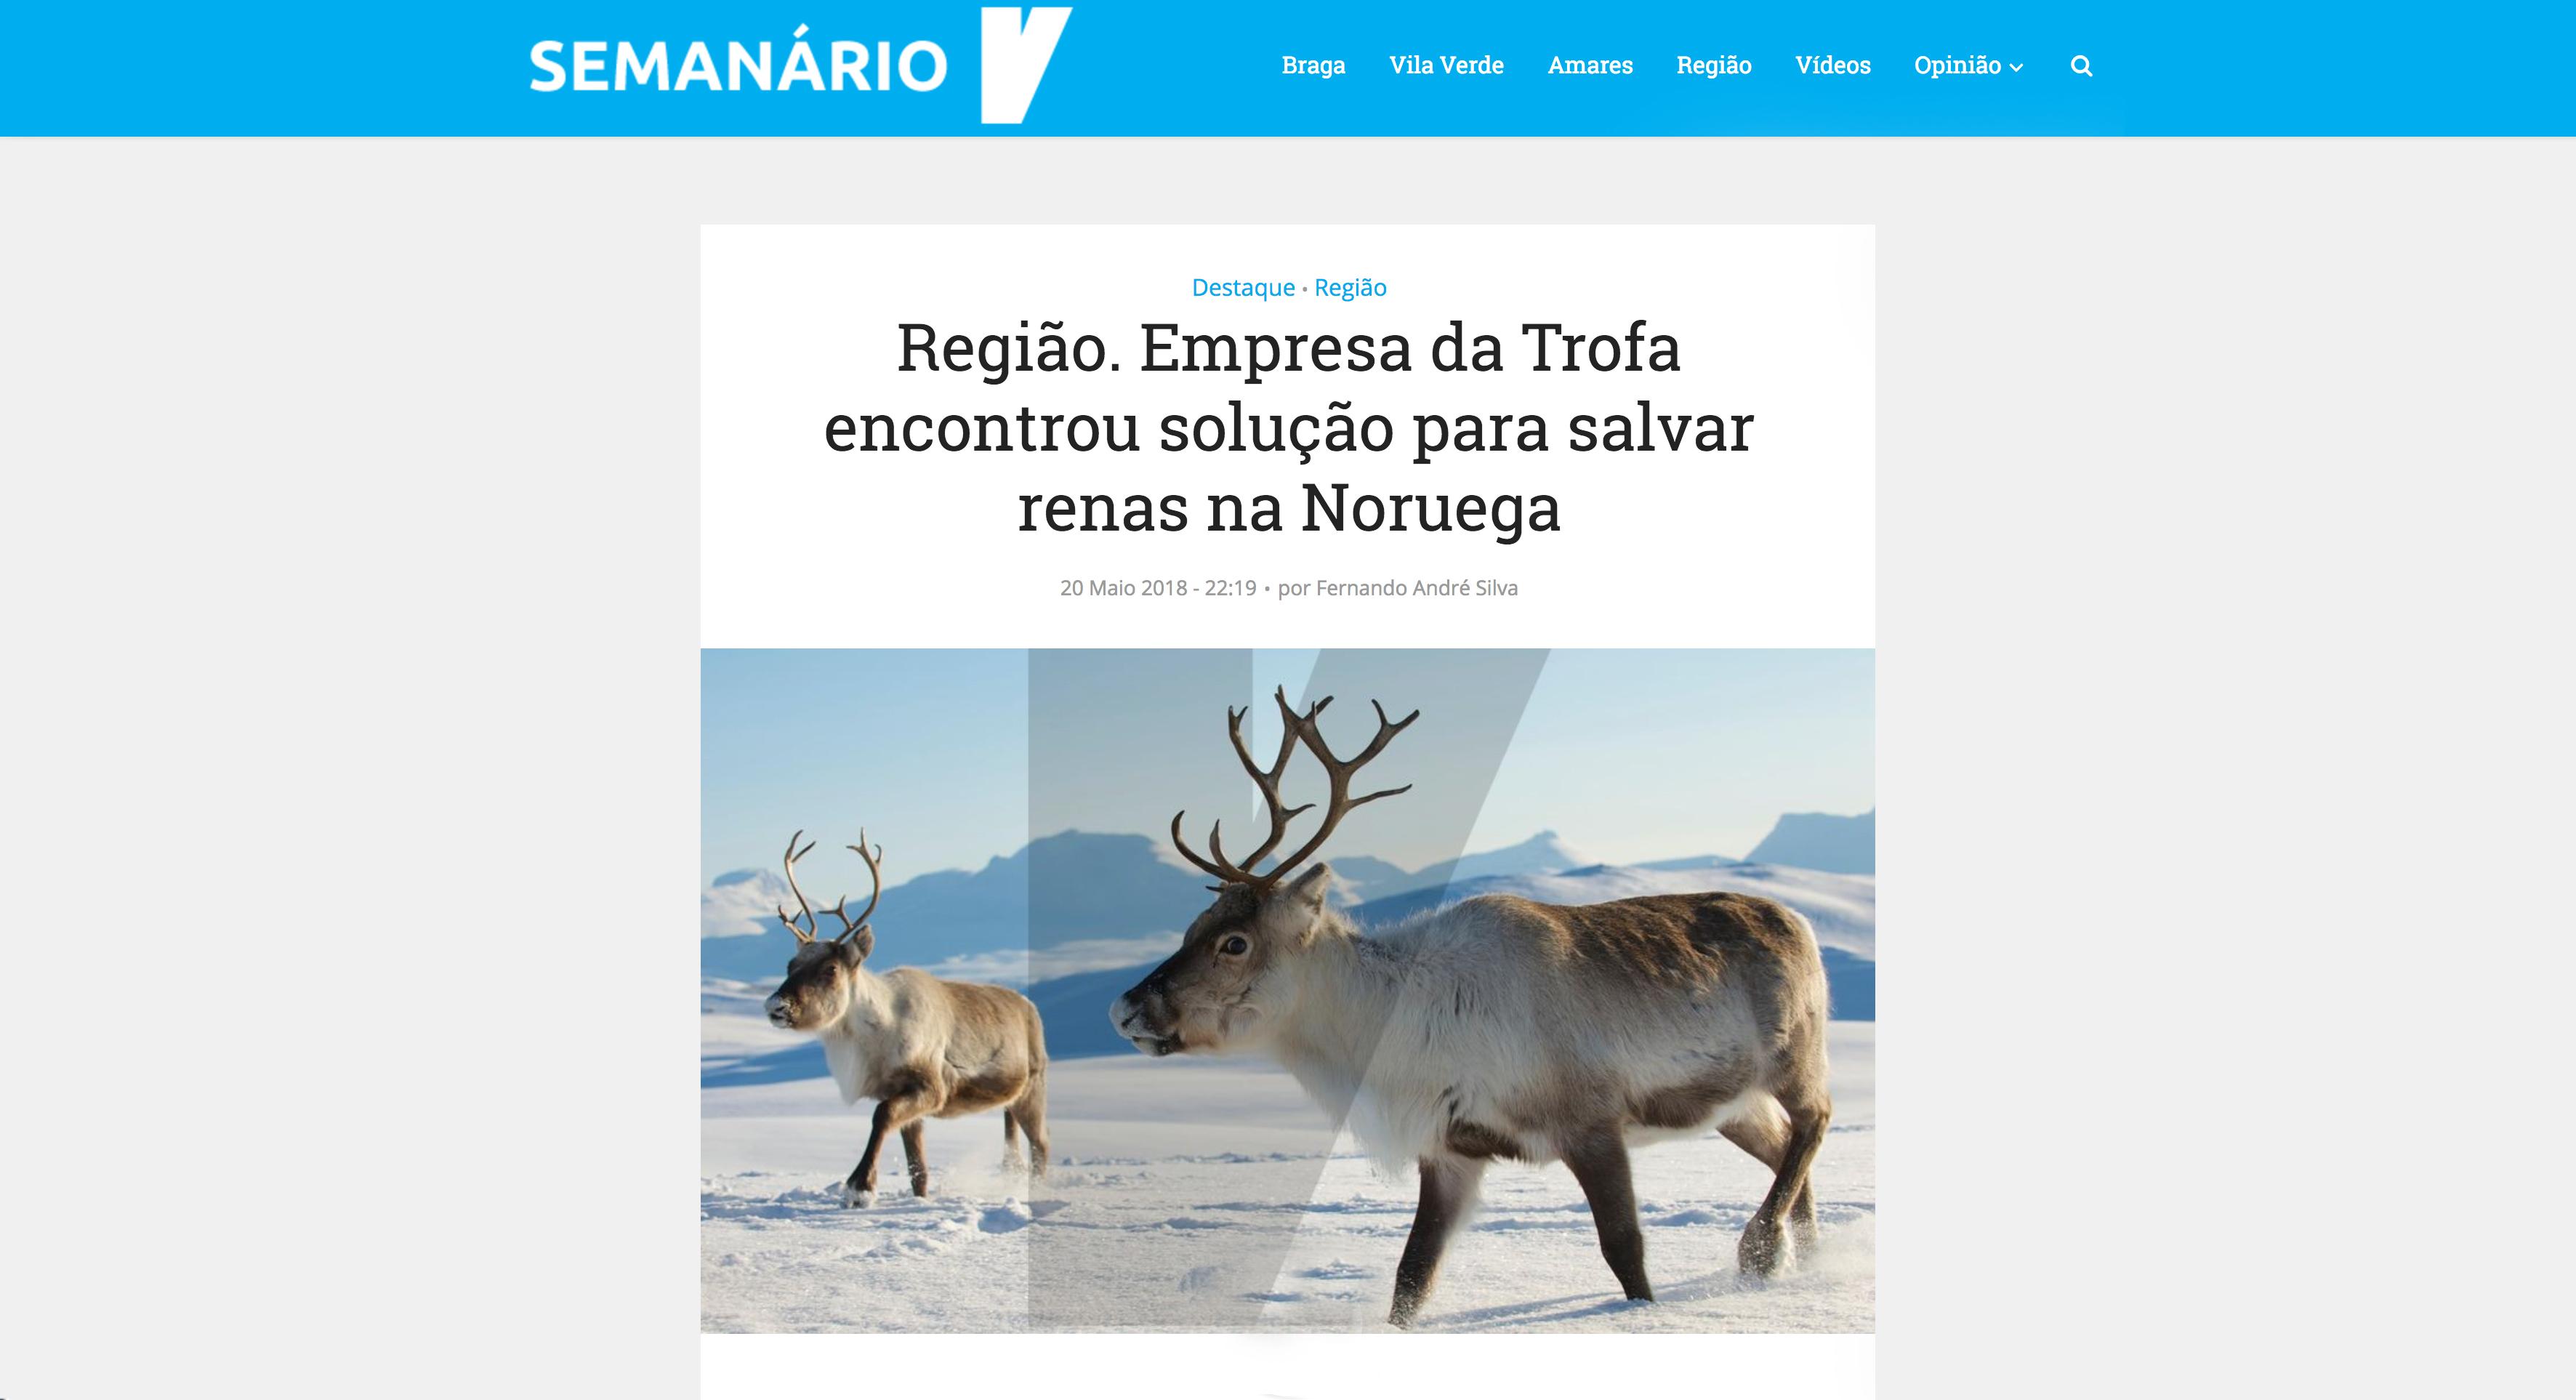 Região. Empresa da Trofa encontrou solução para salvar renas na Noruega – Semanário